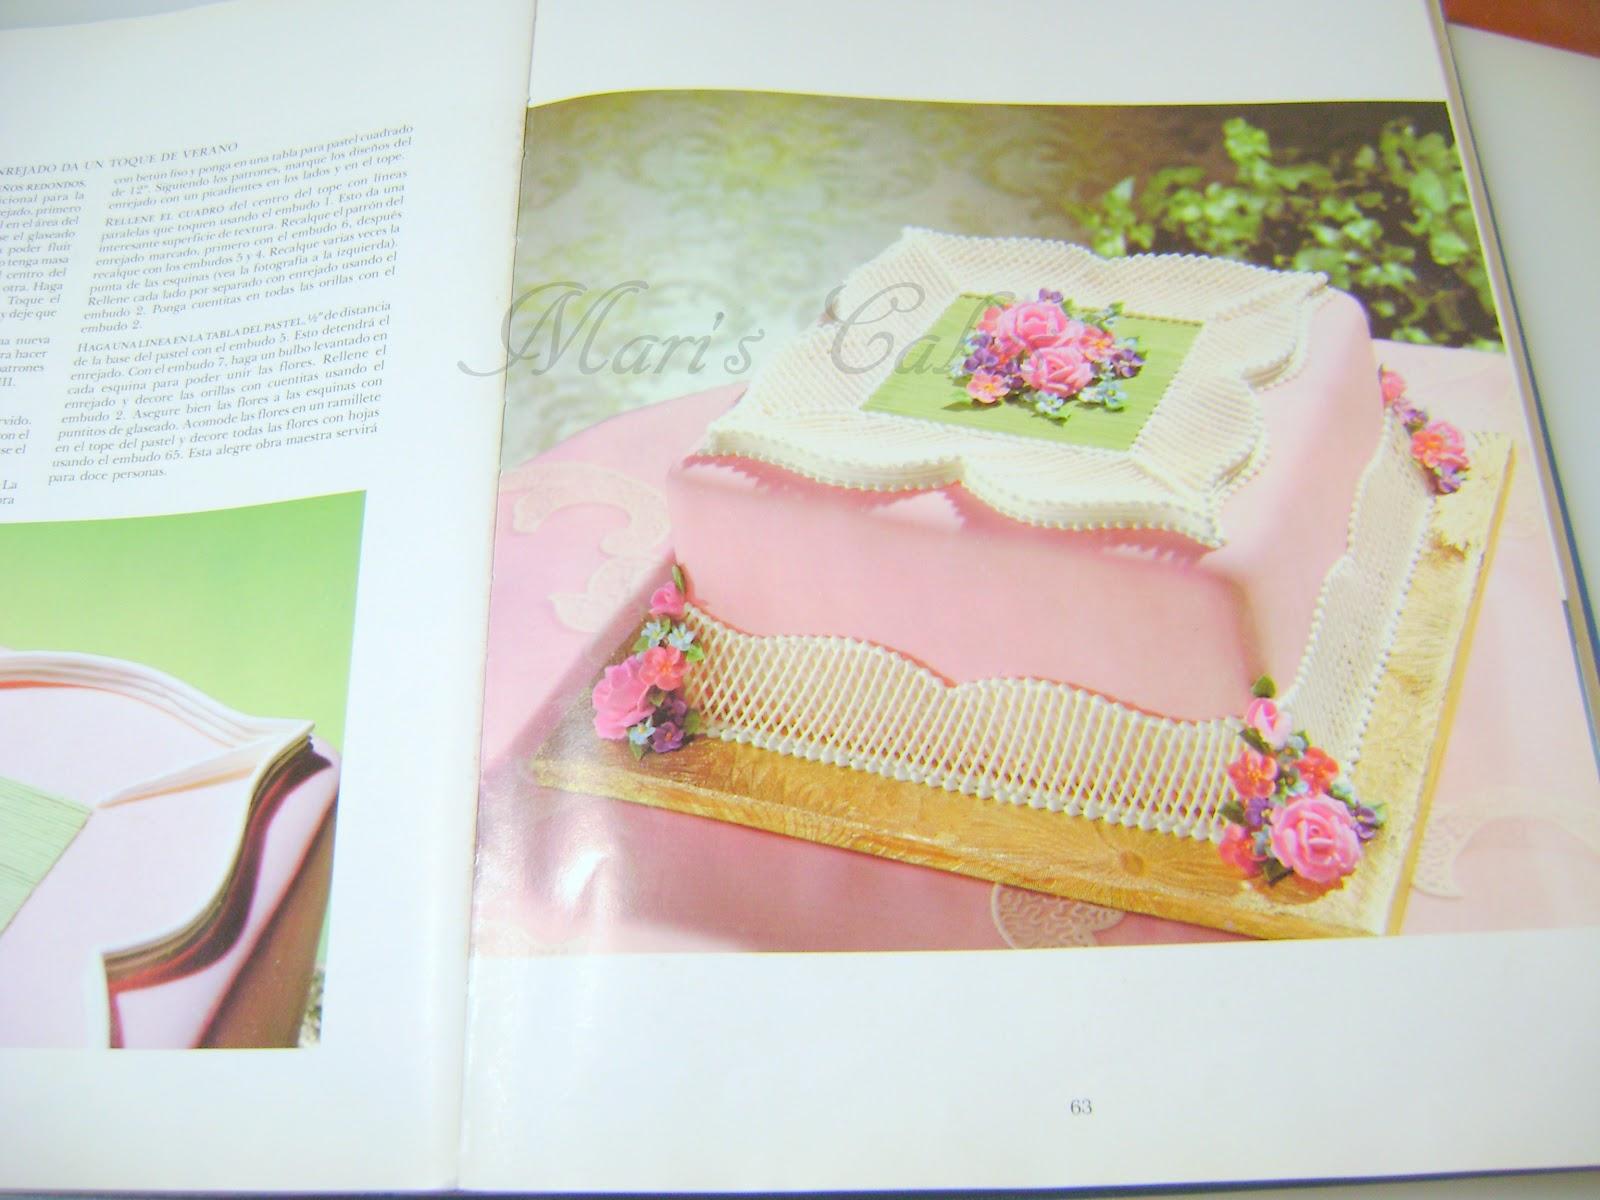 Libros de decoracion de bizcochos mari 39 s cakes for Libros de decoracion